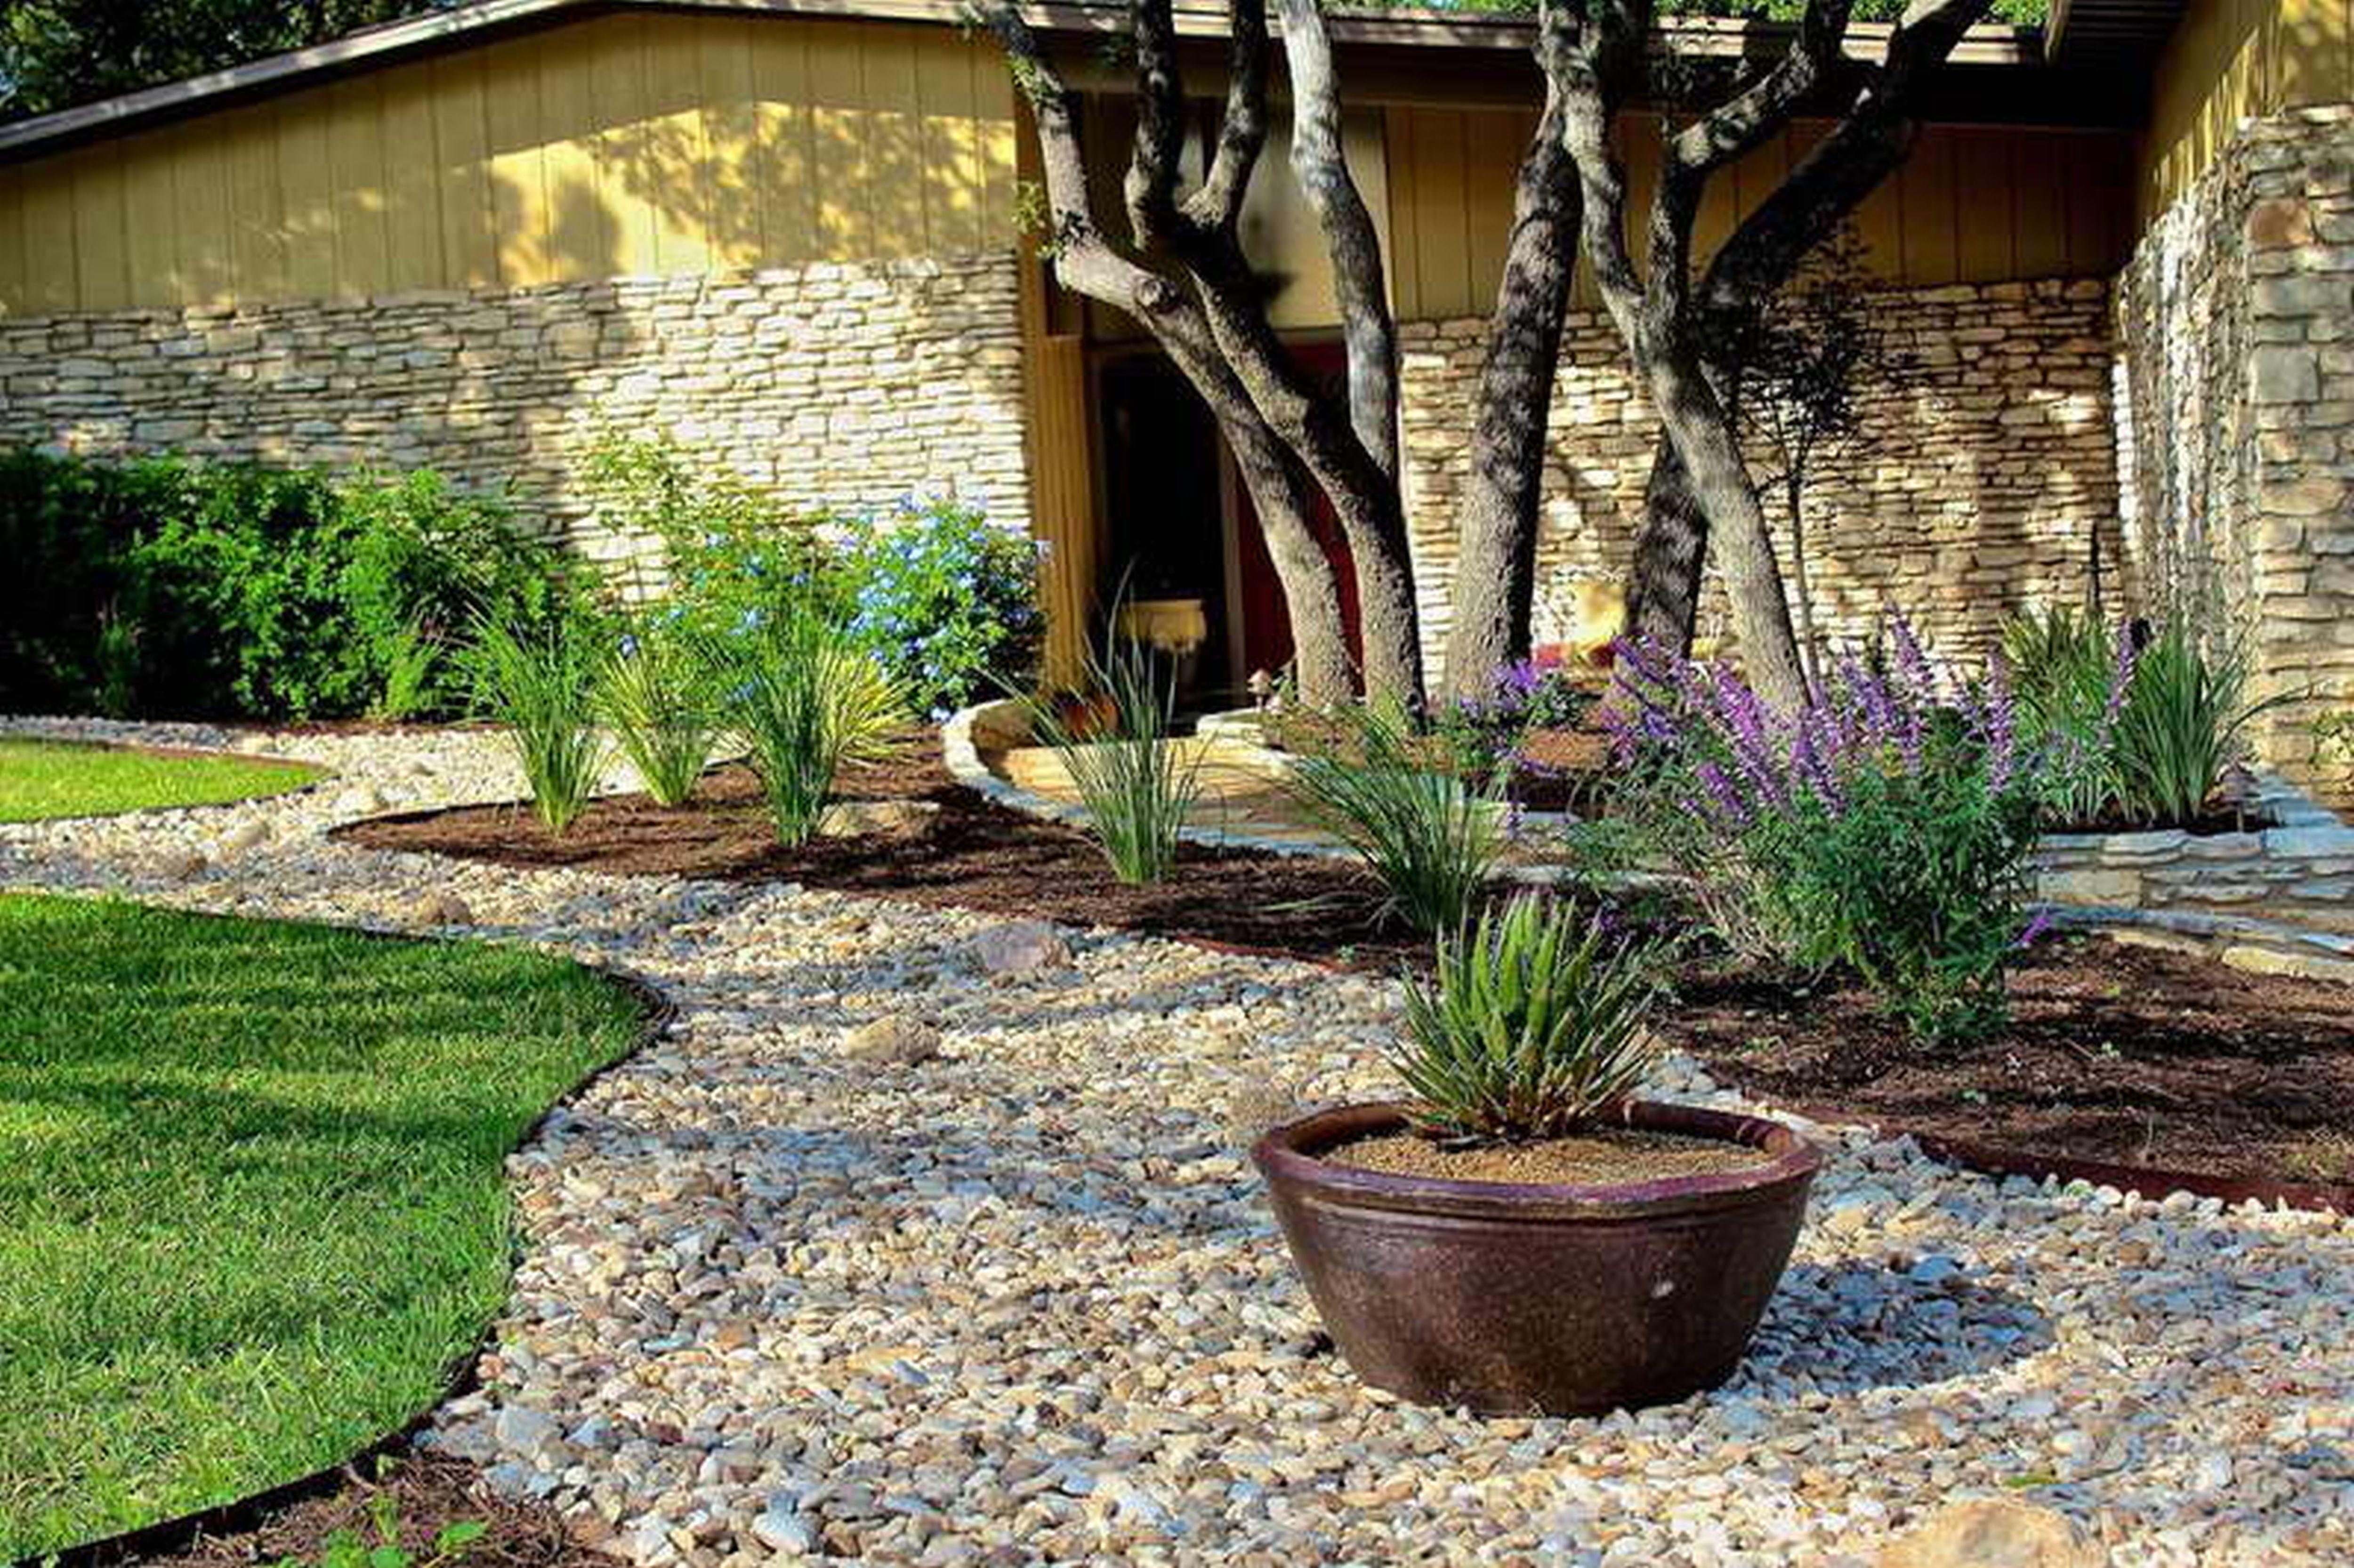 Wir Haben Für Sie Einige Ideen Und Bepflanzungstipps Für Schmale  Pflanzstreifen, Die Sie Inspirieren Können. Als Bilderrahmen Für Den  Vorgarten Und Ums Haus